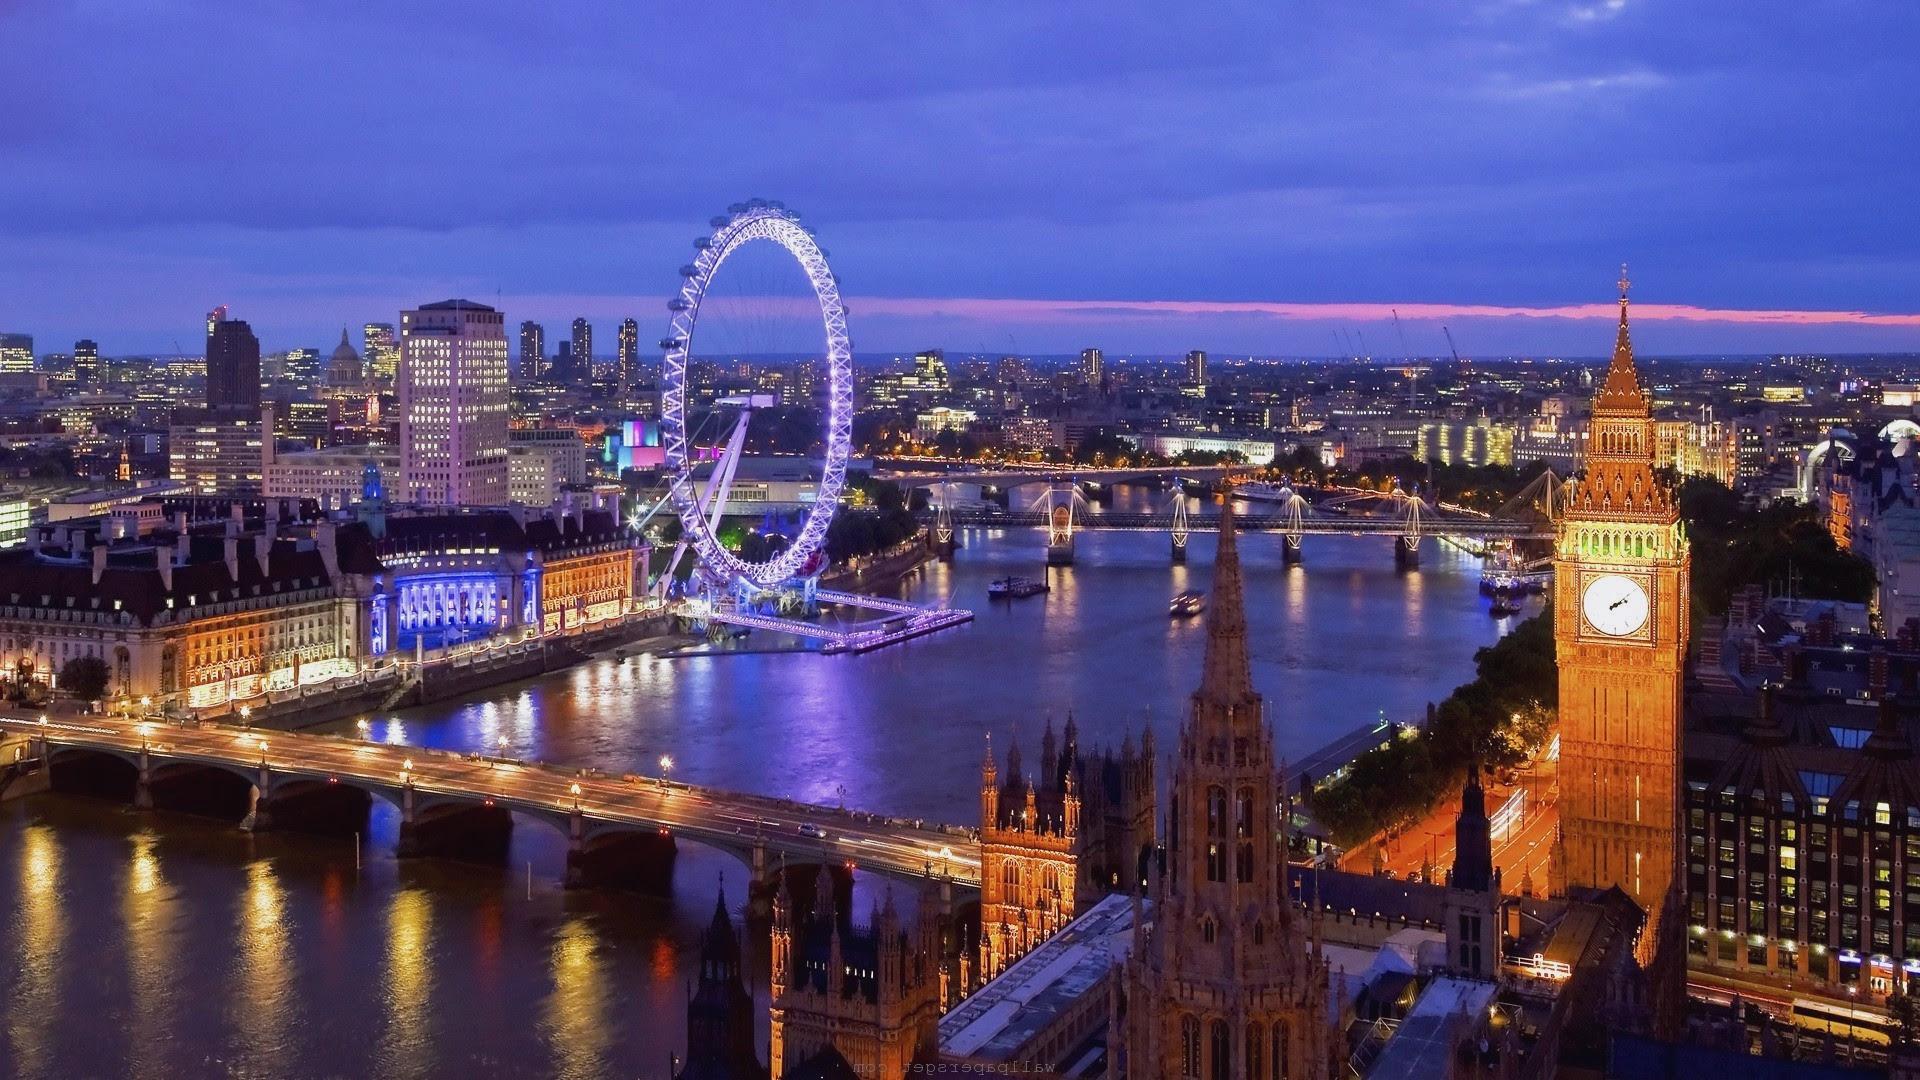 ロンドン Great Britain 壁紙 40613429 ファンポップ